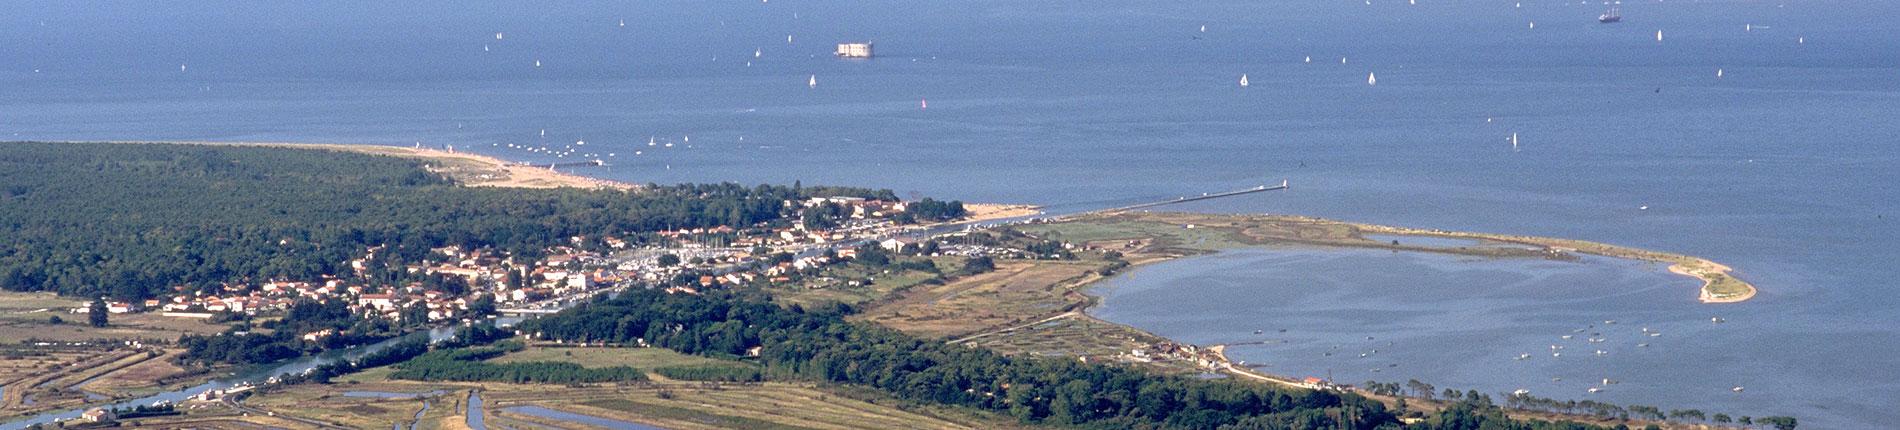 Boyardville et port de plaisance, île d'Oléron